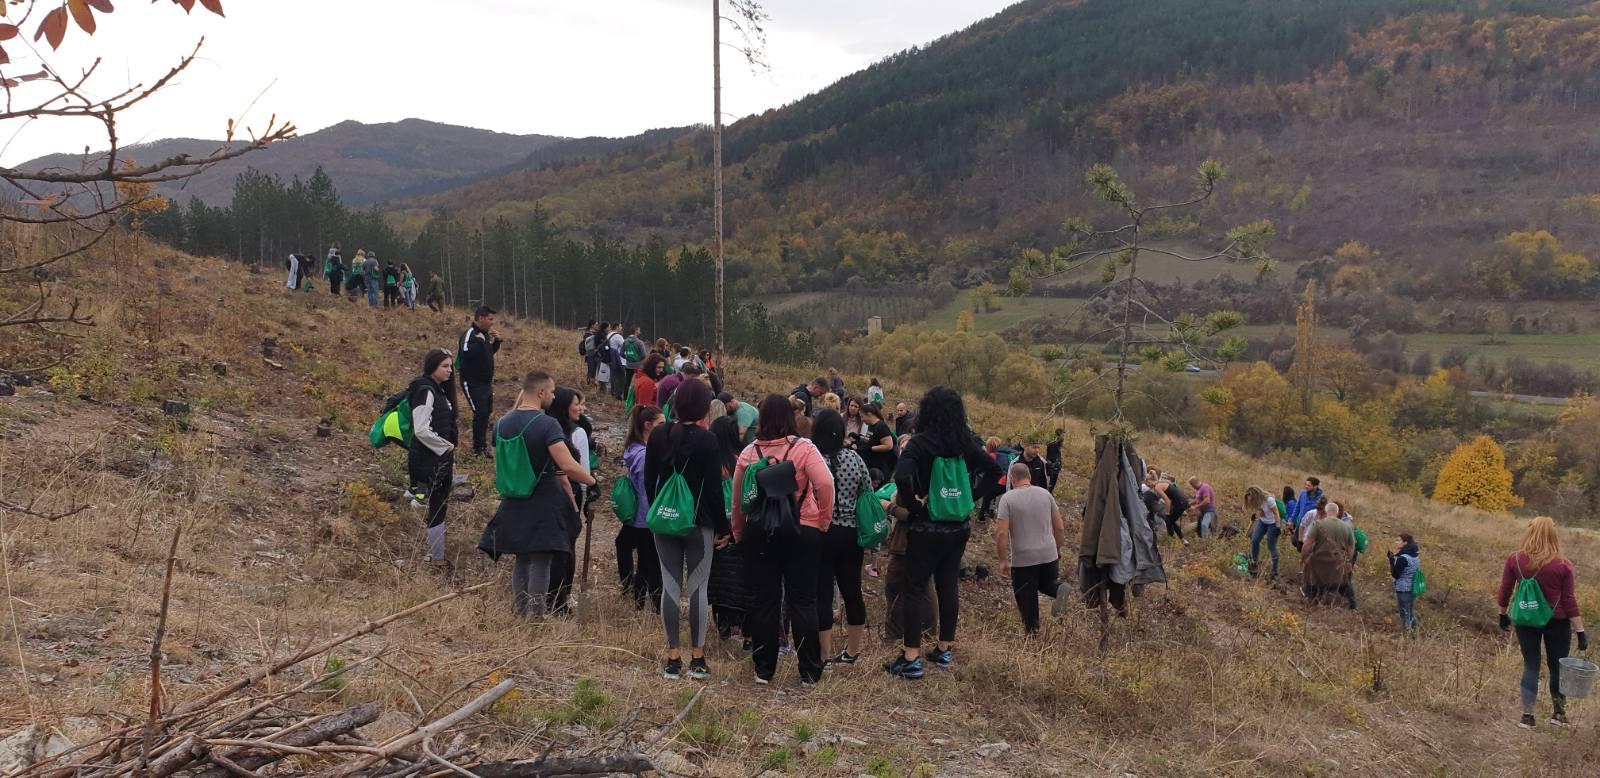 Търговски вериги и банки с общи усилия  възстановяват  25 дка изгоряла гора край село Мечкул